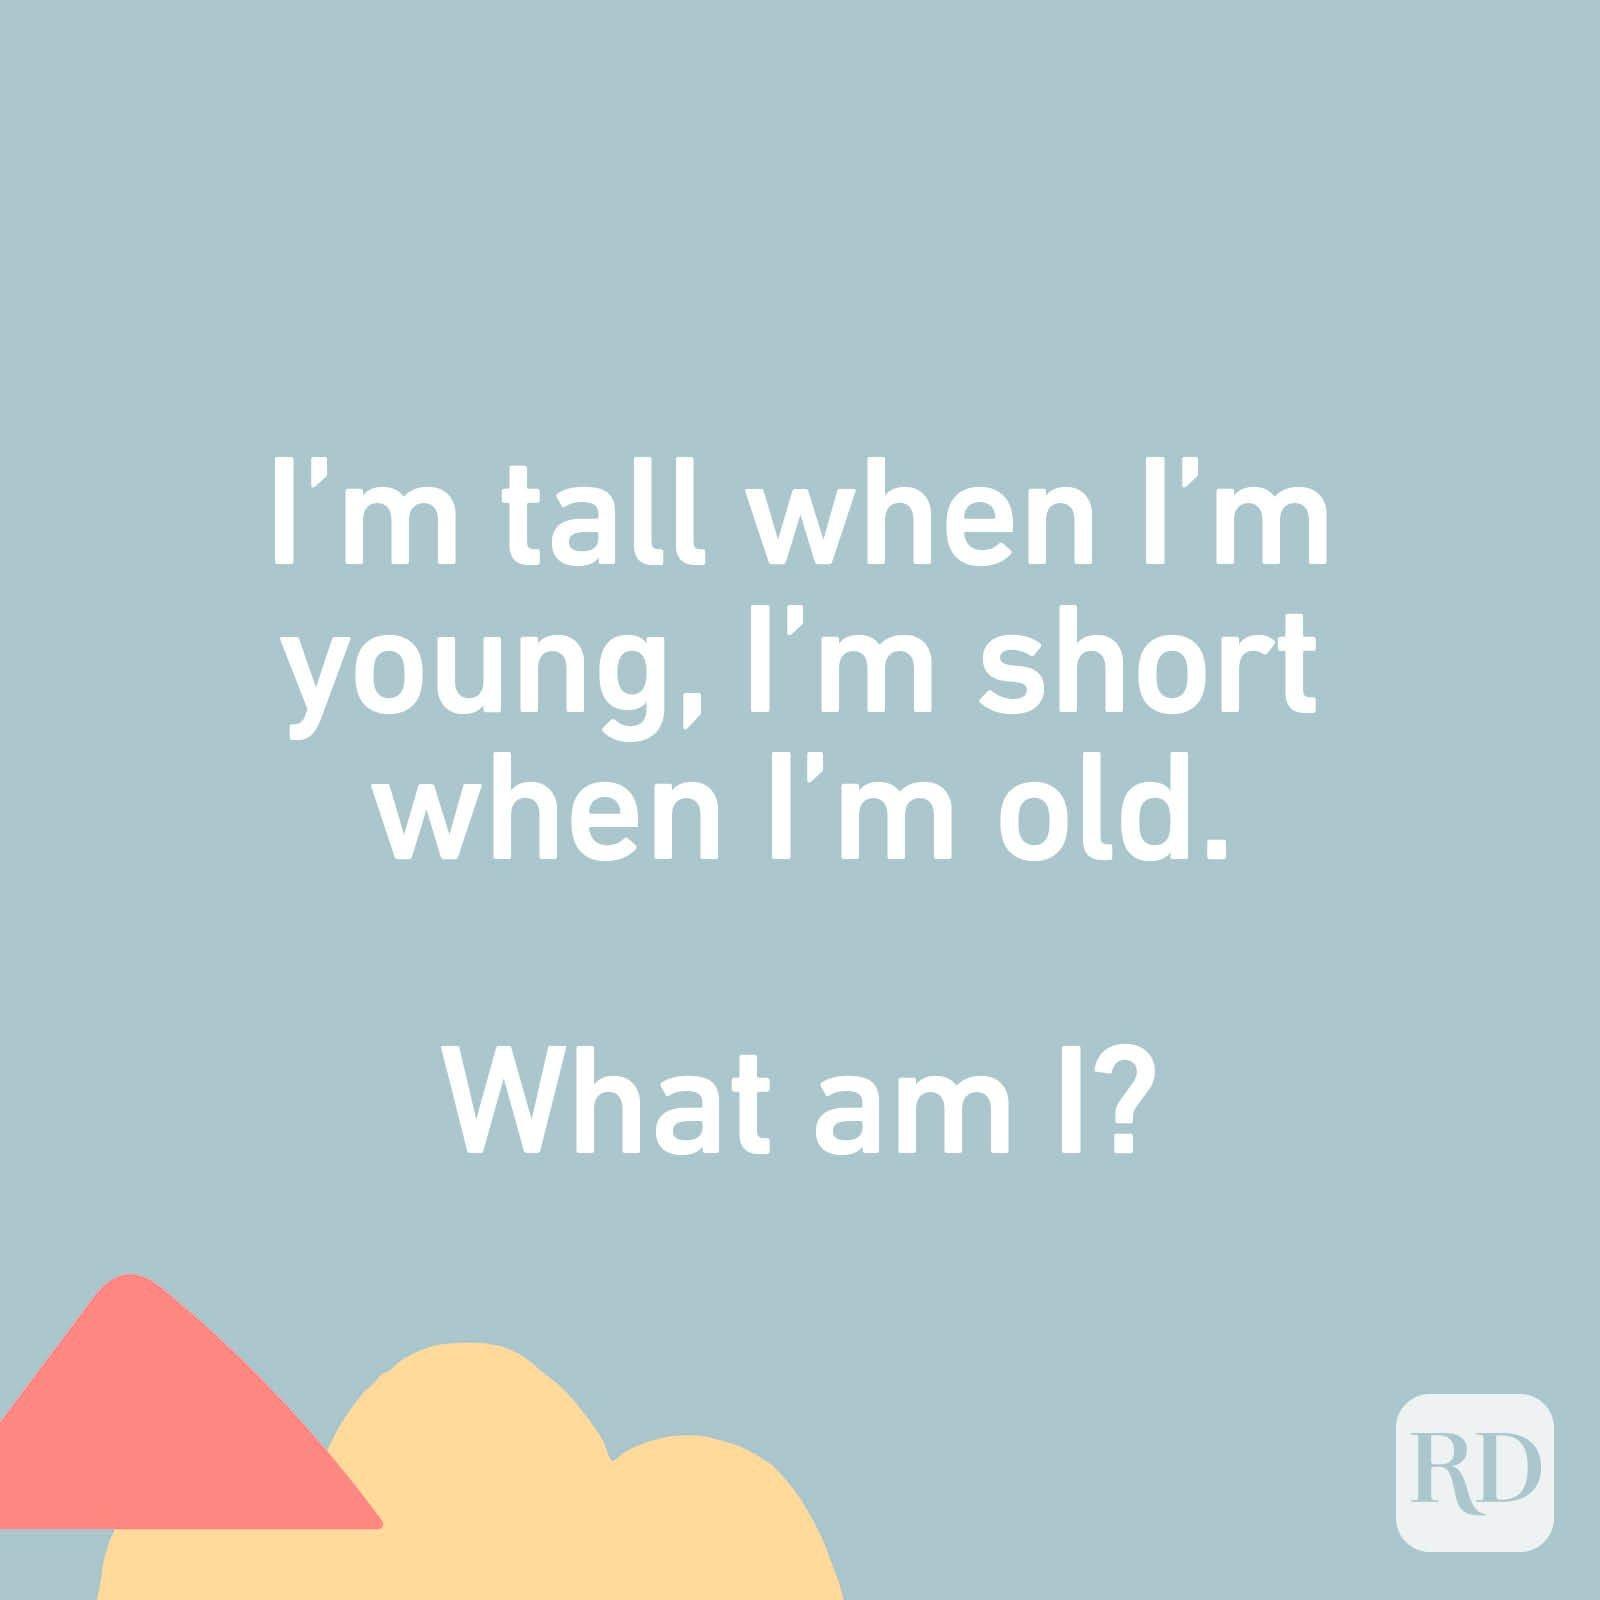 I'm tall when I'm young, I'm short when I'm old. What am I?